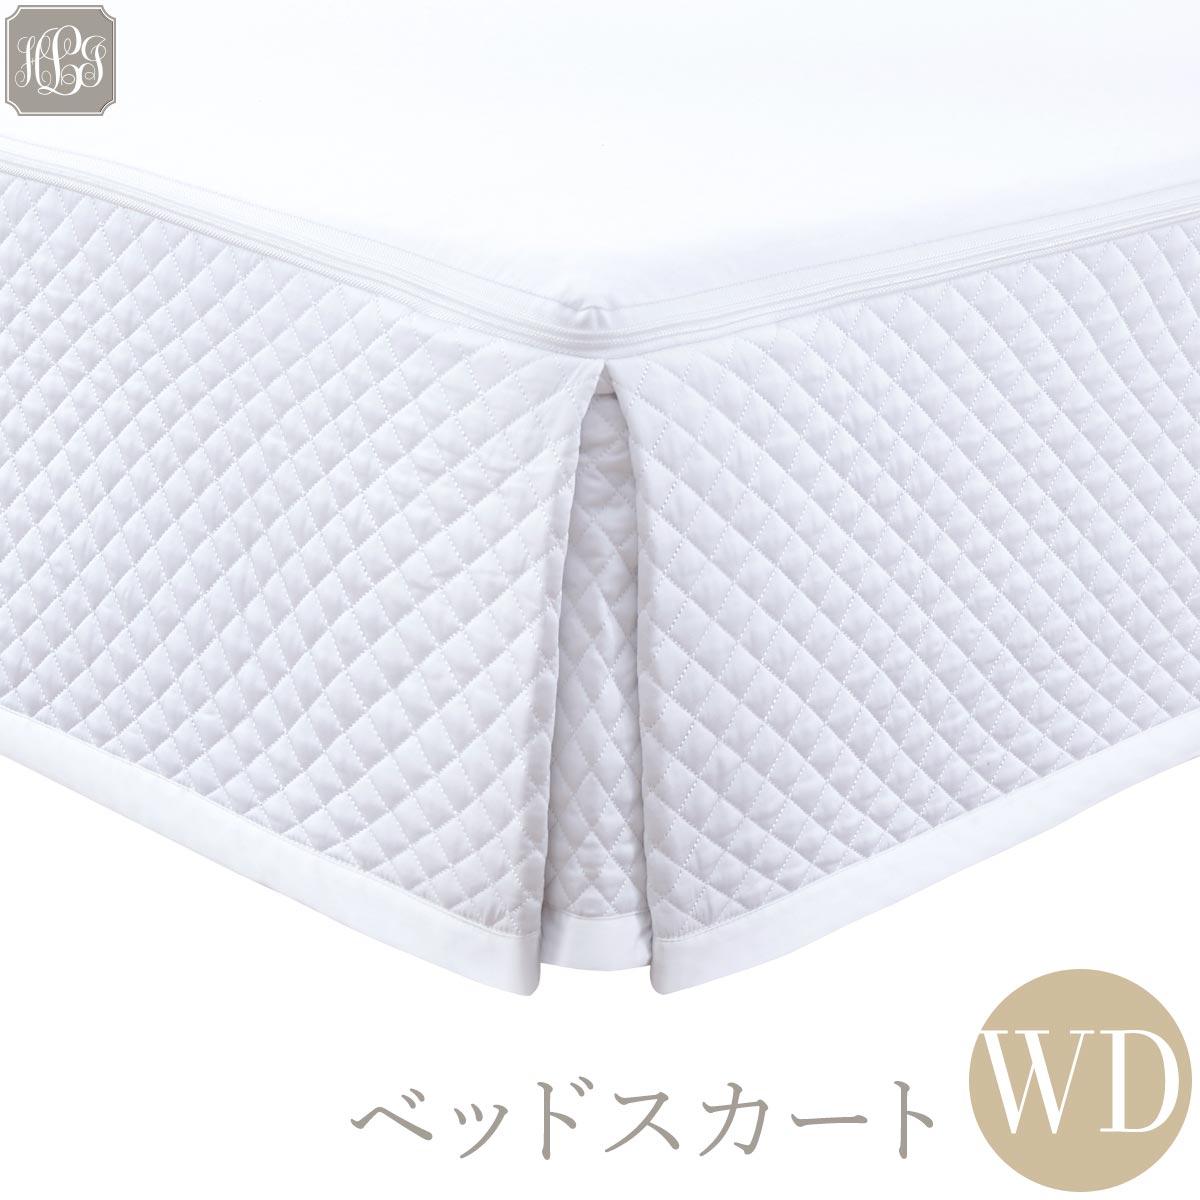 ベッドスカート | ワイドダブル | 155cm x200cm | 高さ25cm | 400TC ダイアモンドキルトベッドスカート 送料無料